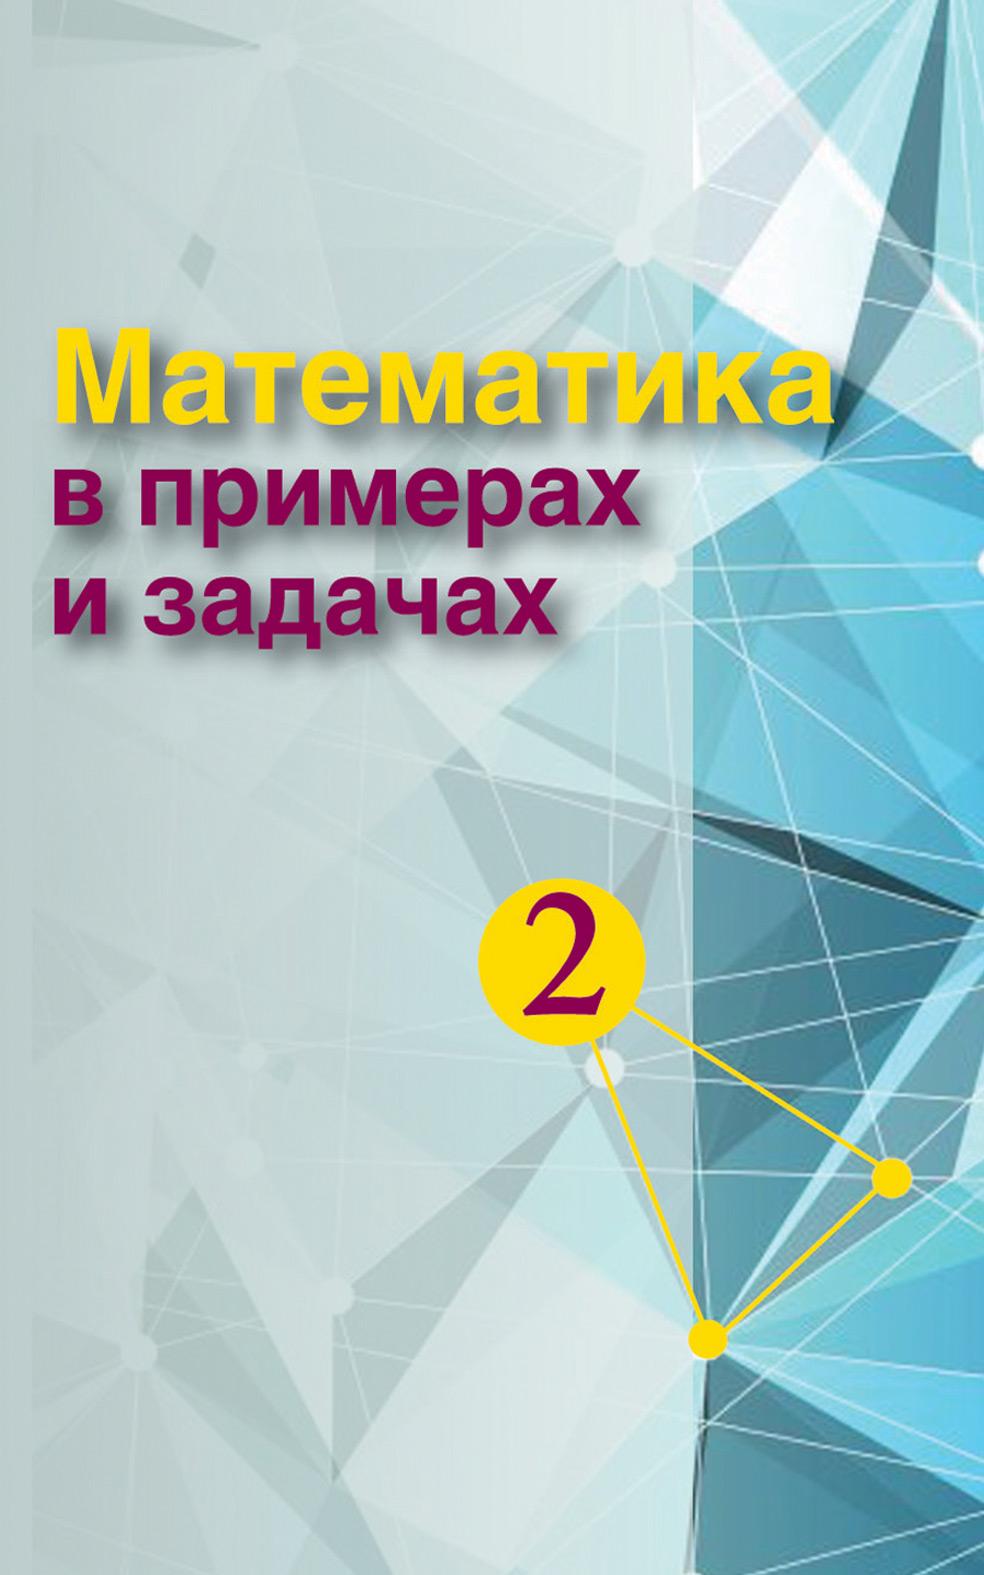 Коллектив авторов Математика в примерах и задачах. Часть 2 коллектив авторов математика в примерах и задачах часть 1